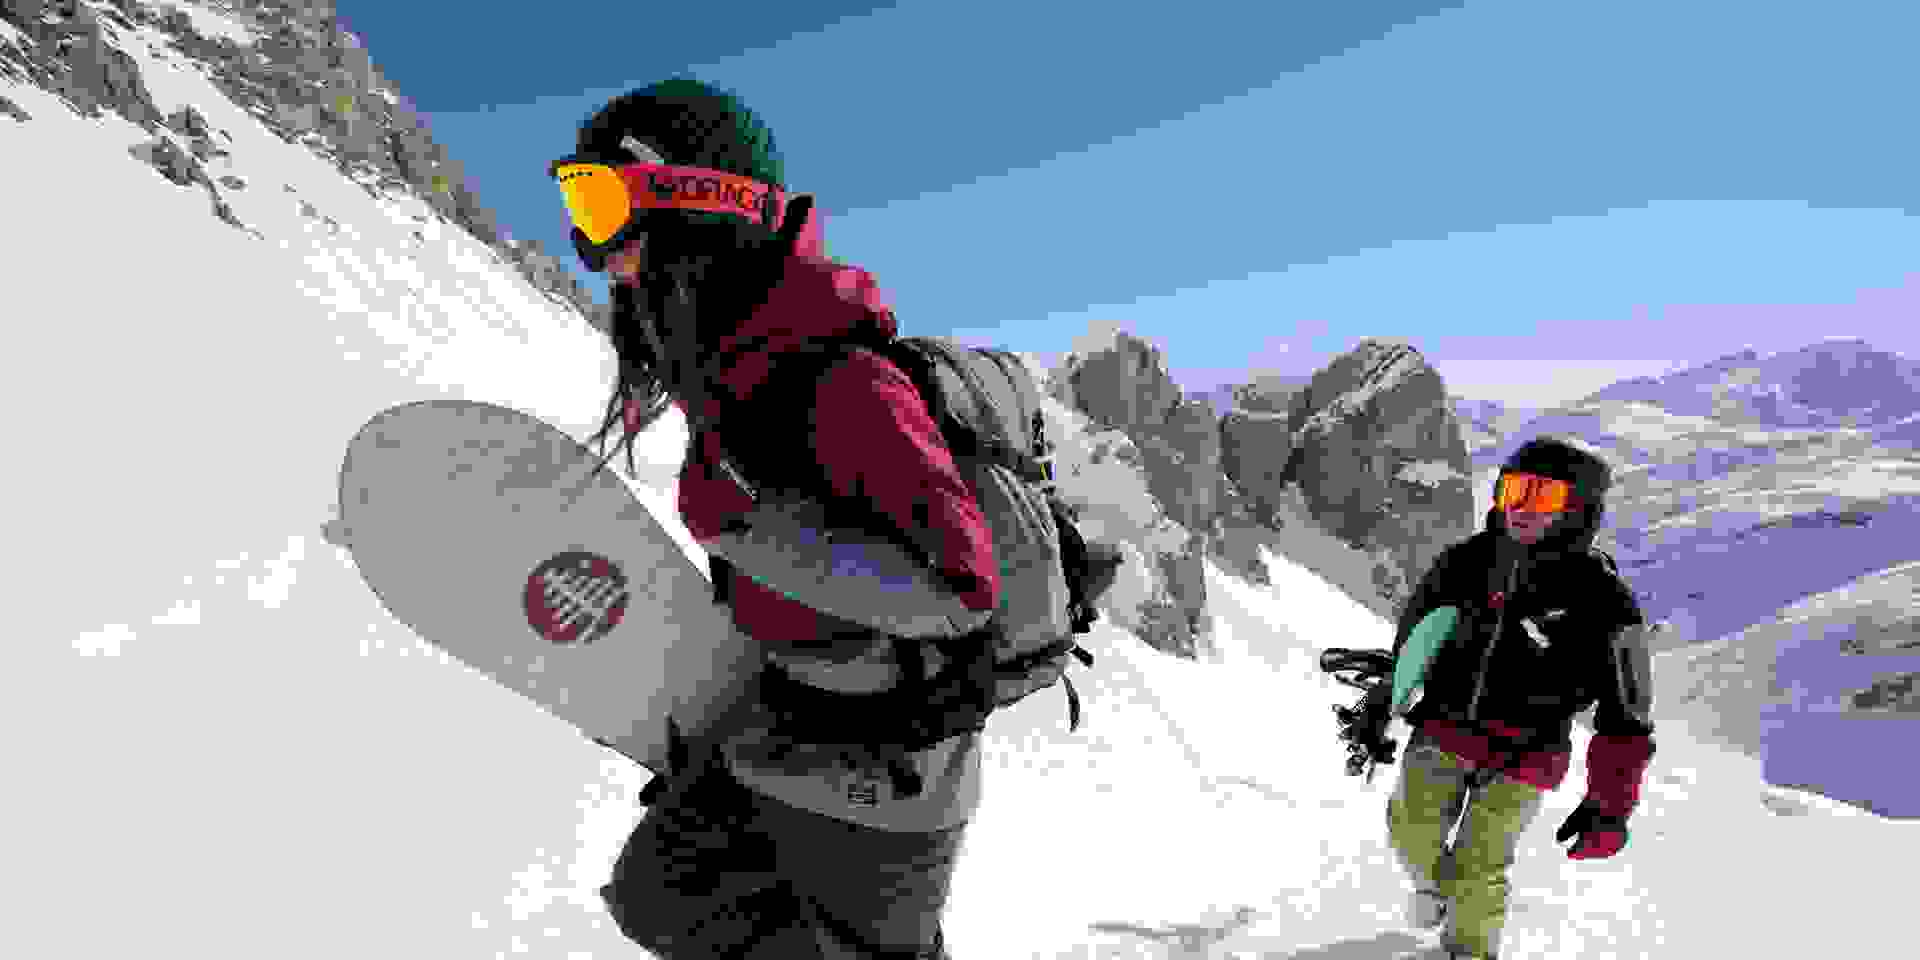 Zwei Snowboarder steigen einen unberührten Tiefschneehang hinauf.